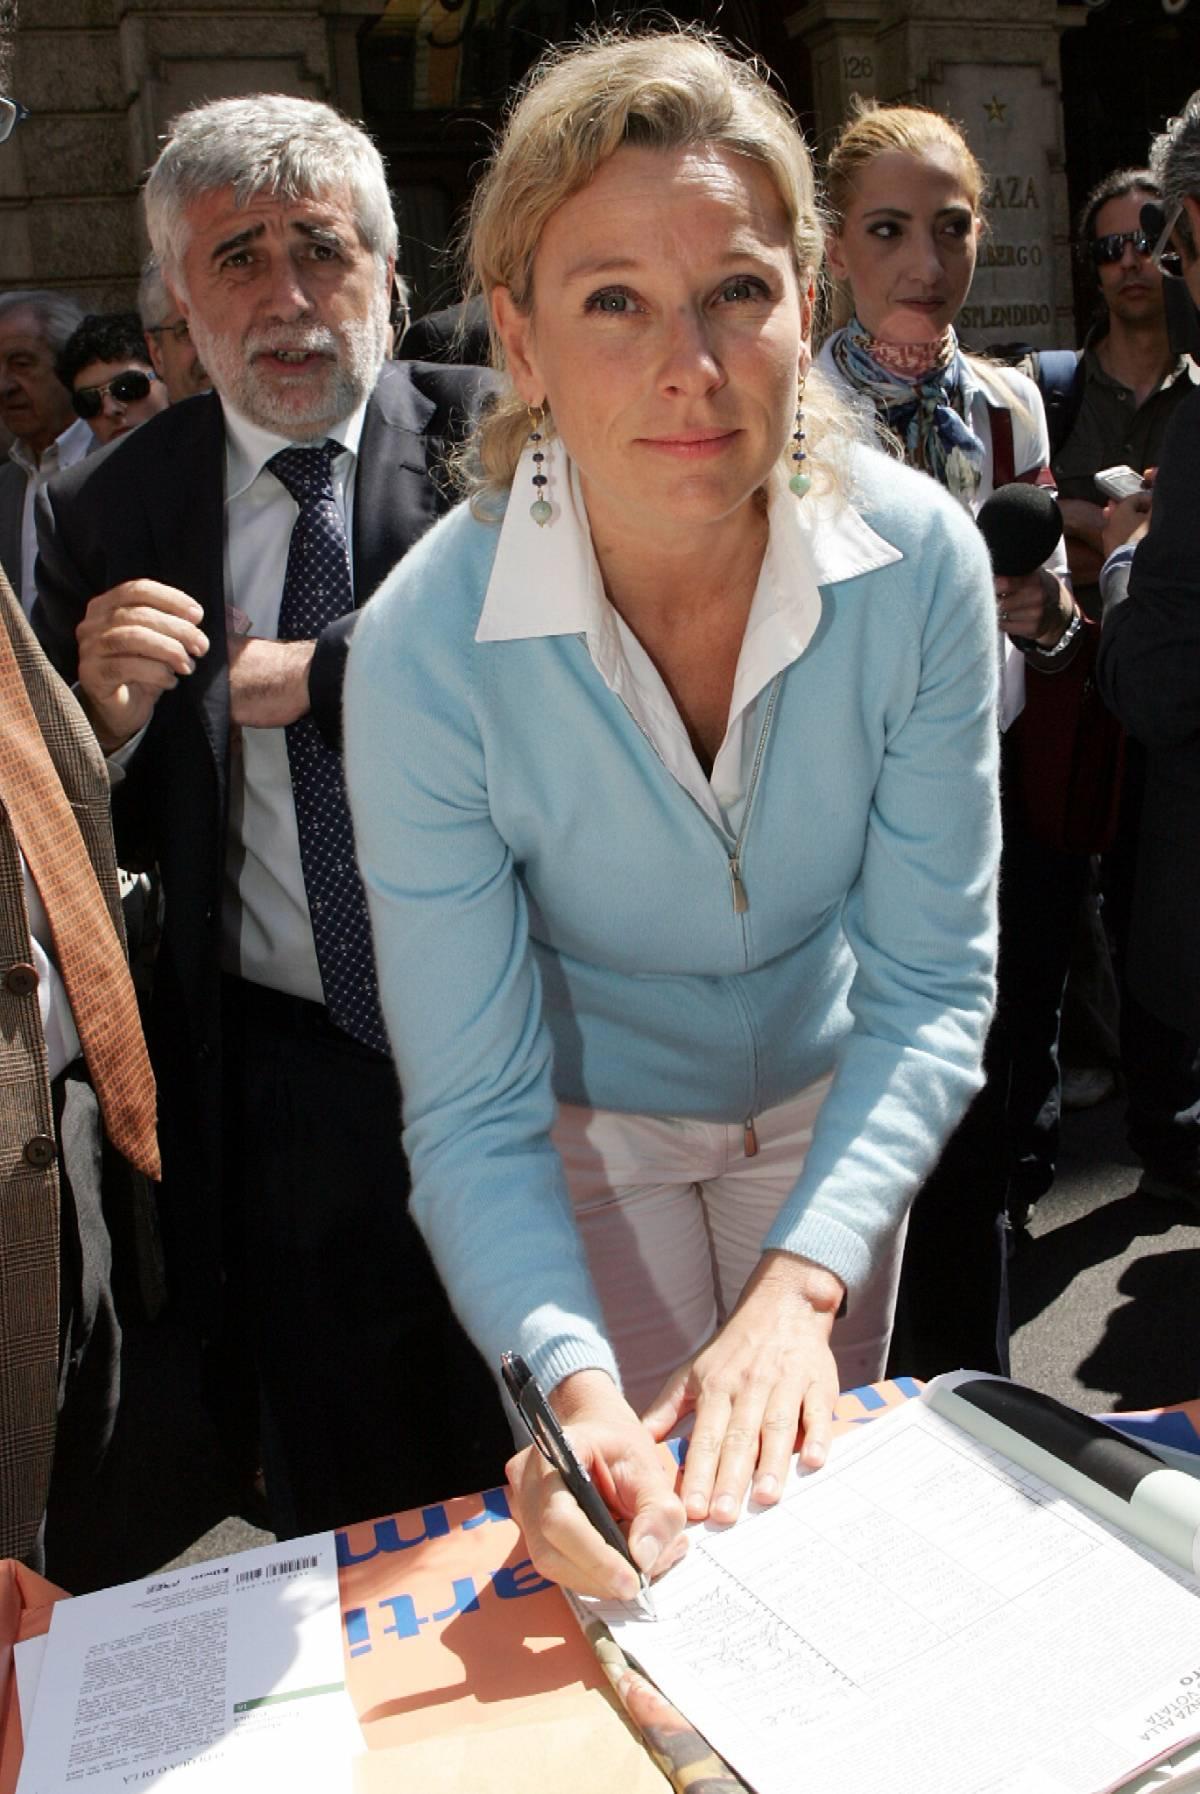 La firma dei ministri al referendum sgambetta il governo